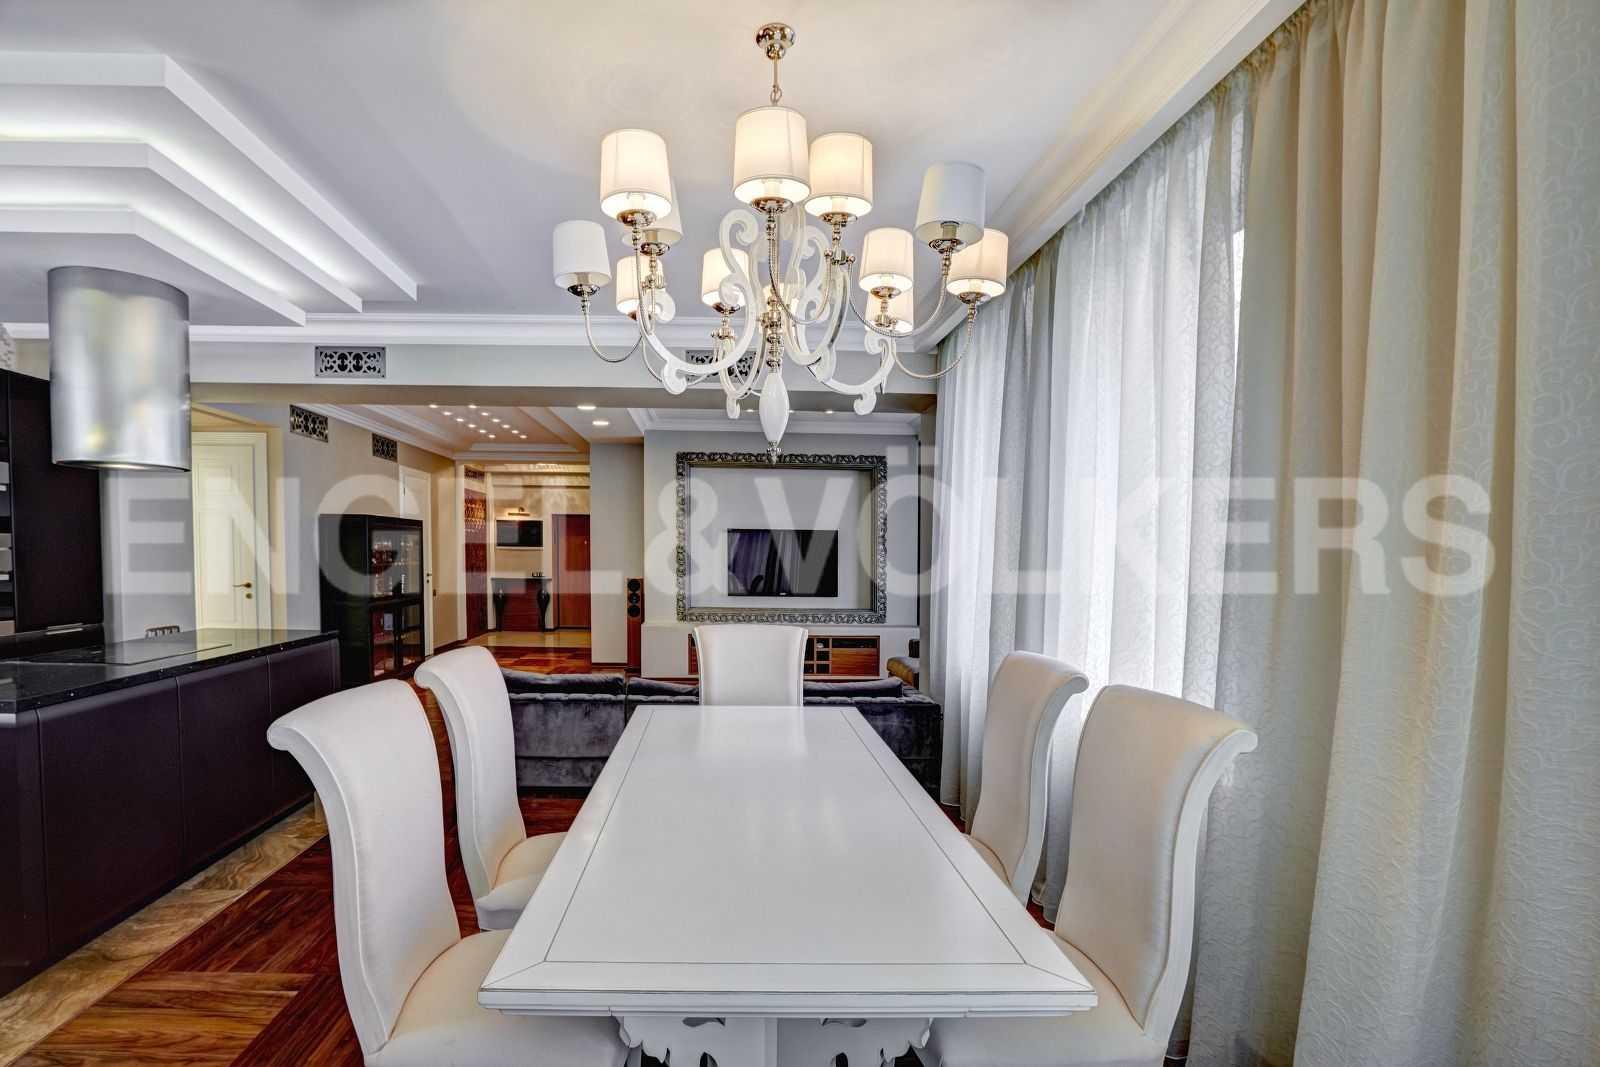 Элитные квартиры в Центральном районе. Санкт-Петербург, Тверская, 1А. Зона столовой в гостиной